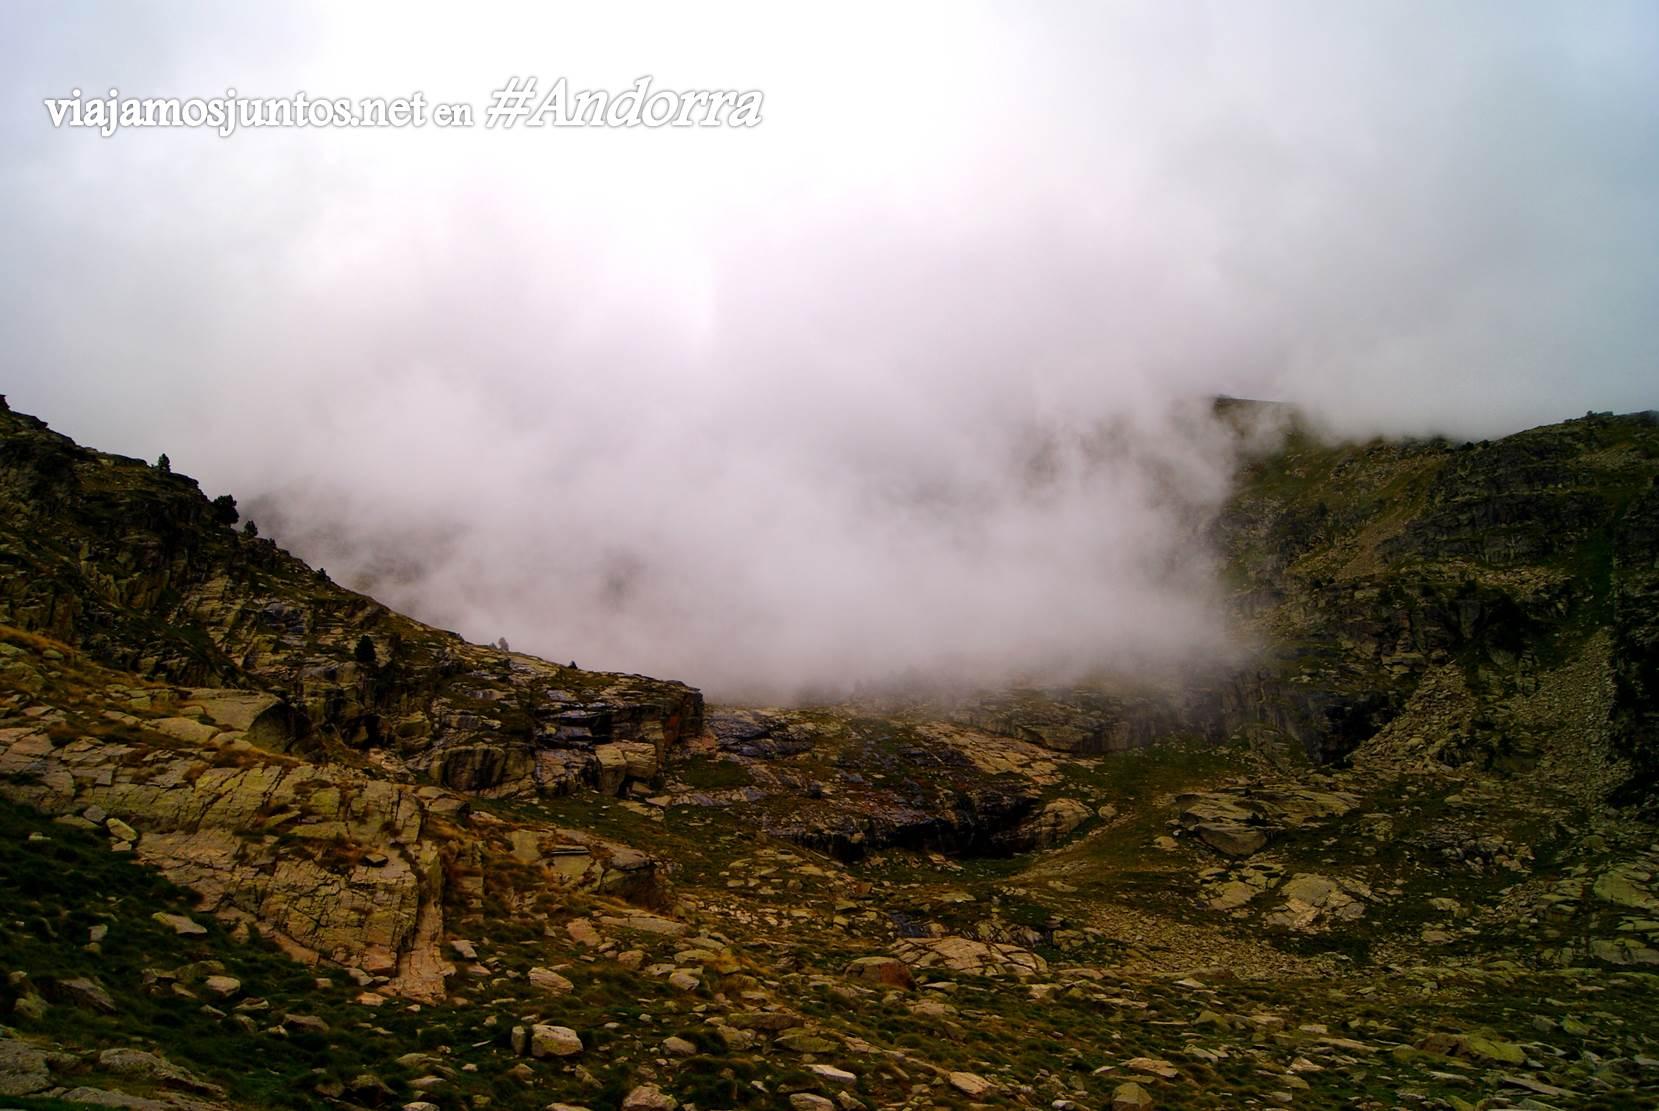 Niebla alrededor del refugio Coms de Jan, Andorra trekking, Pirineos Orientales